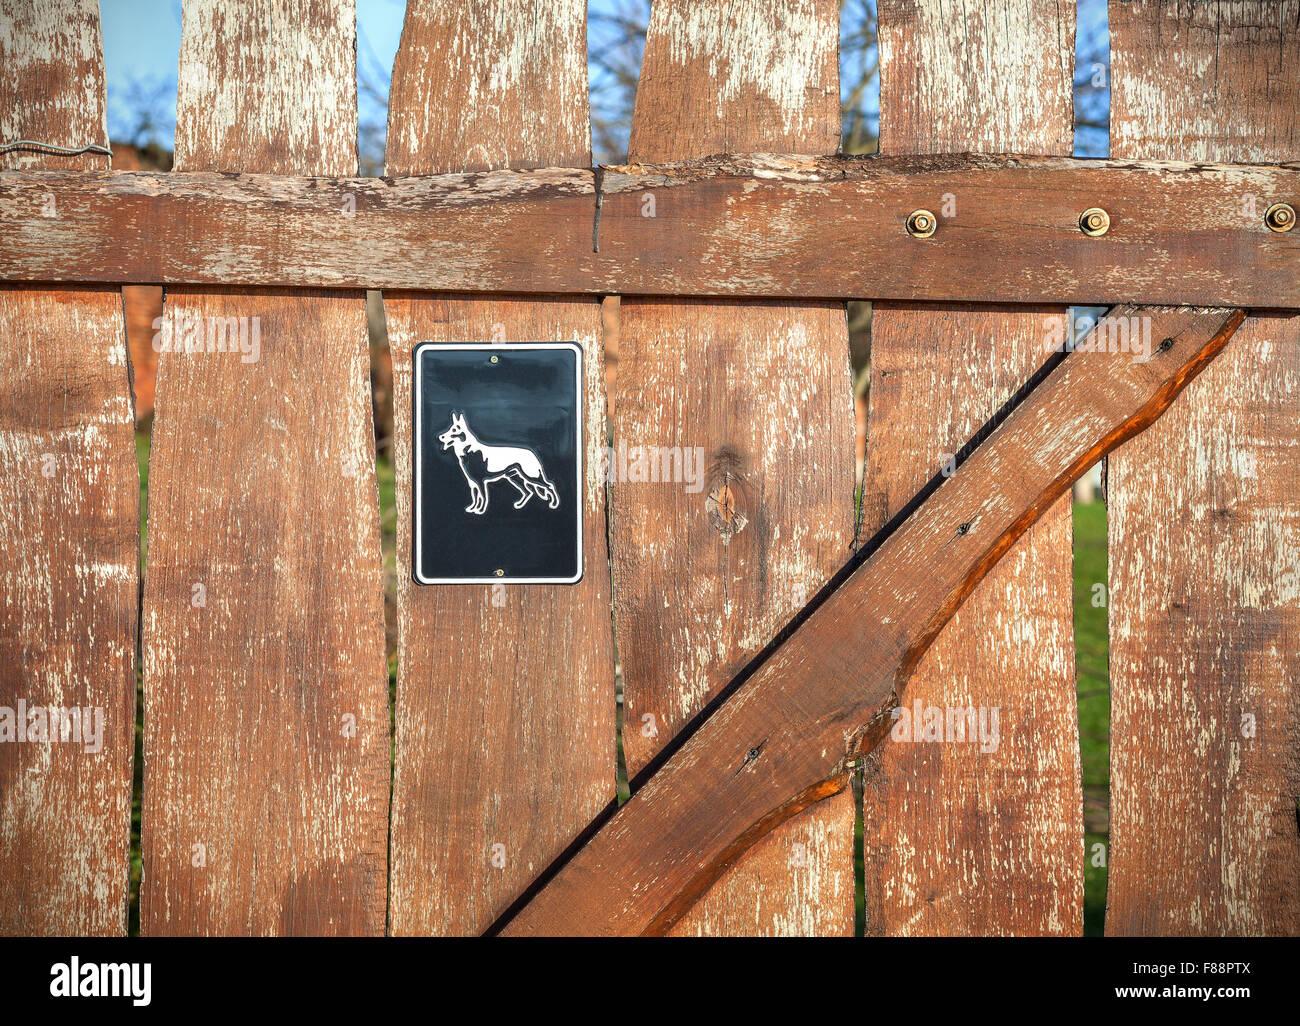 Beware of dog sign on wooden door. - Stock Image